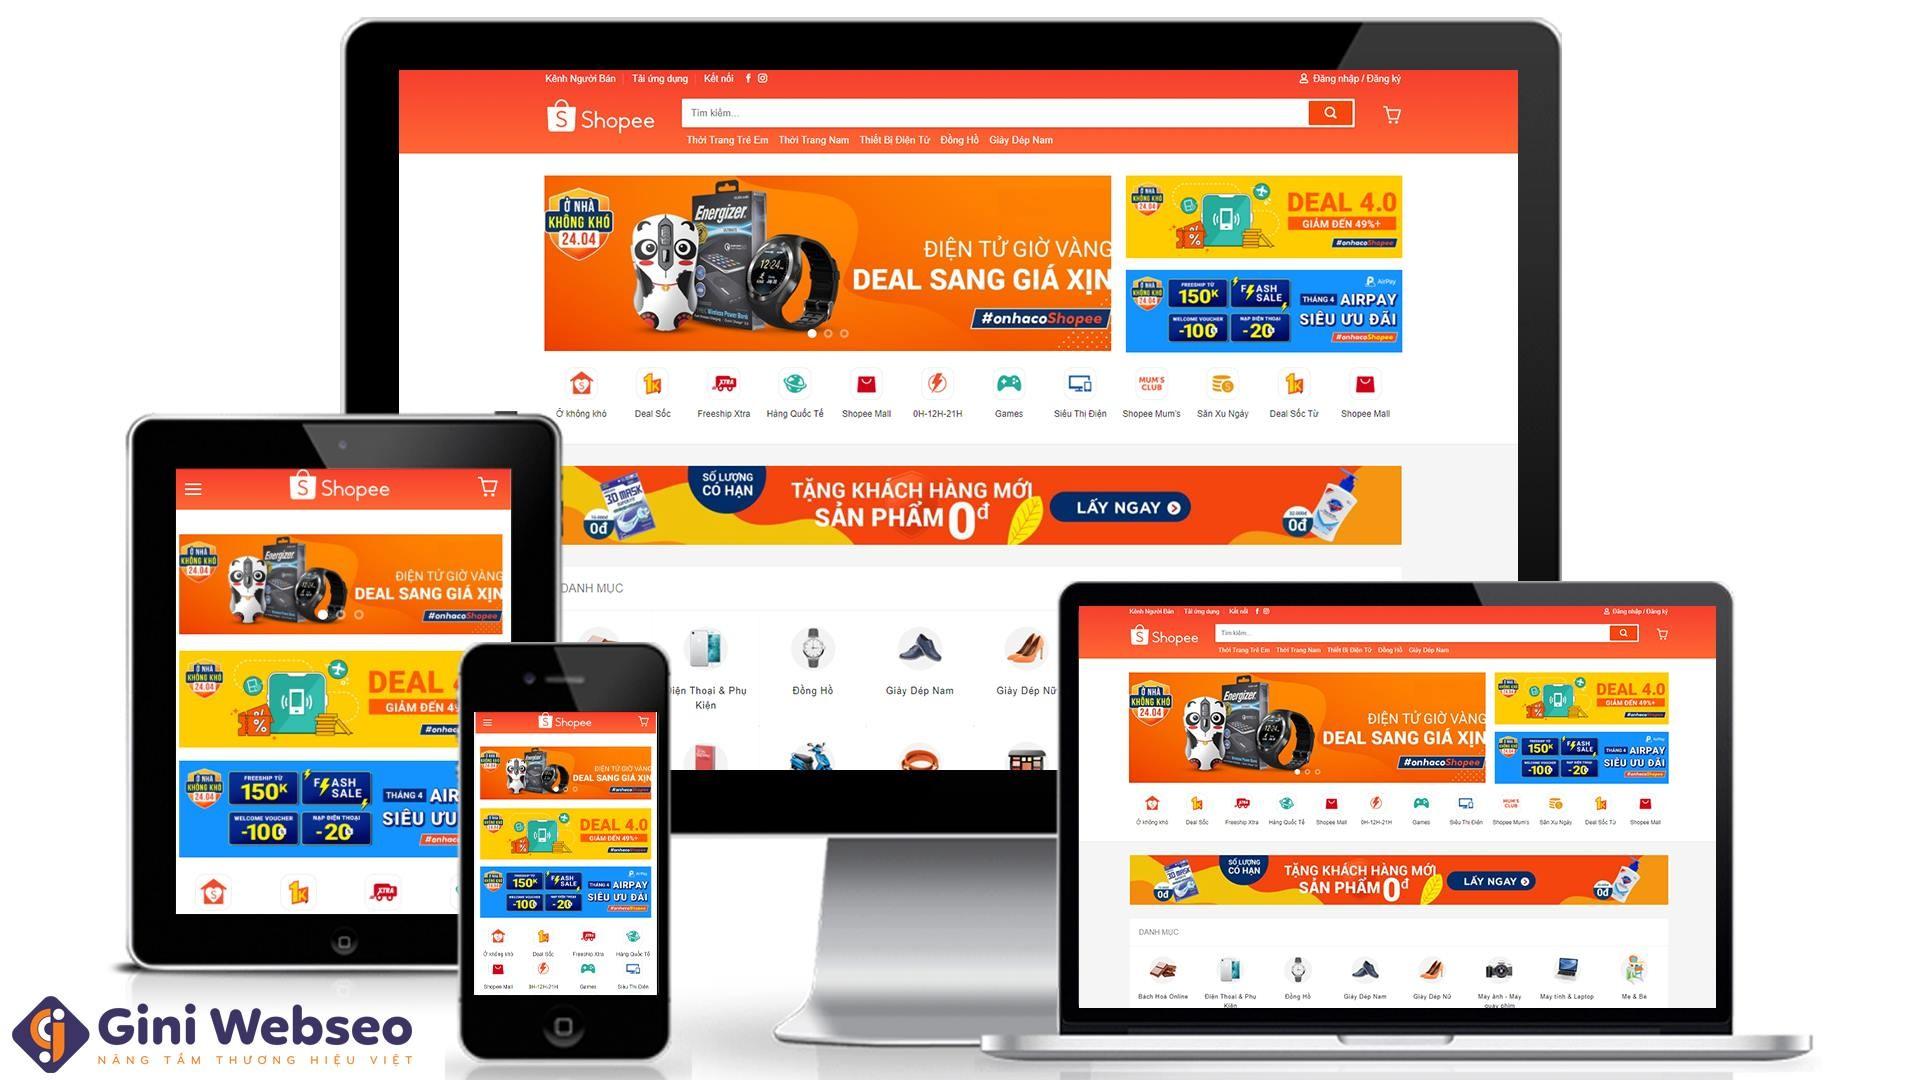 Thiết kế website bán hàng Shopee